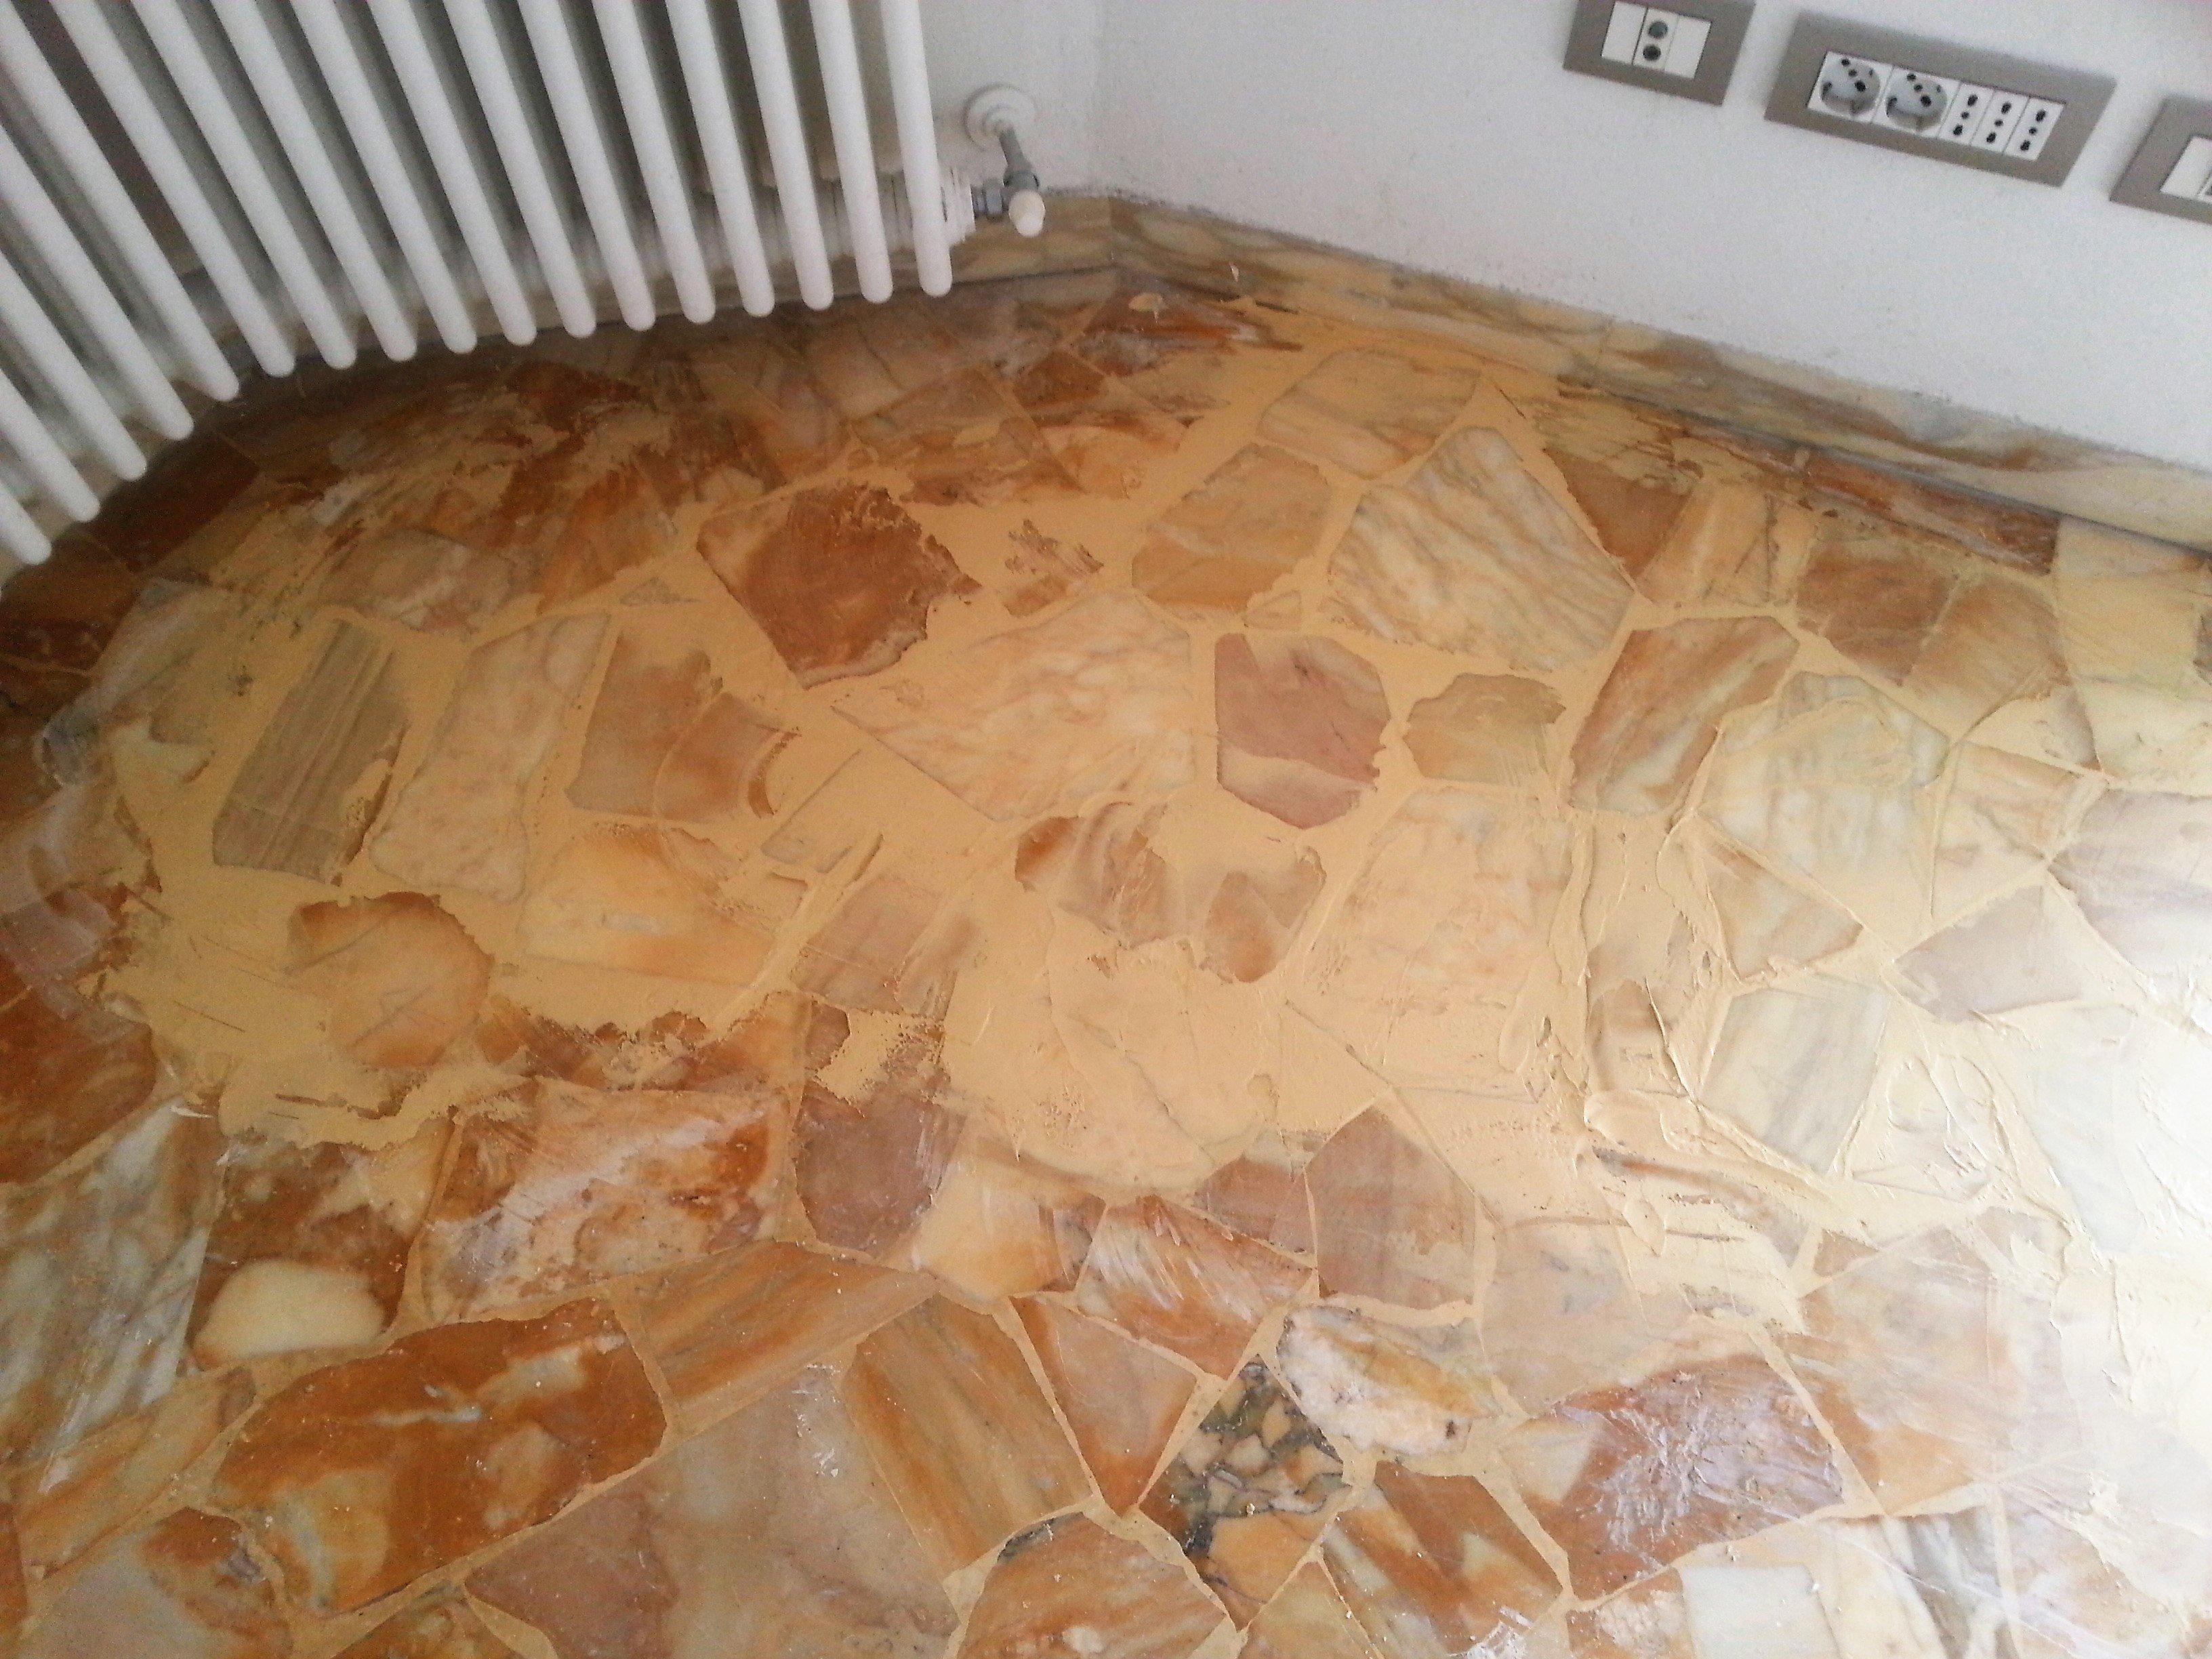 pavimento alla palladiana con termosifone